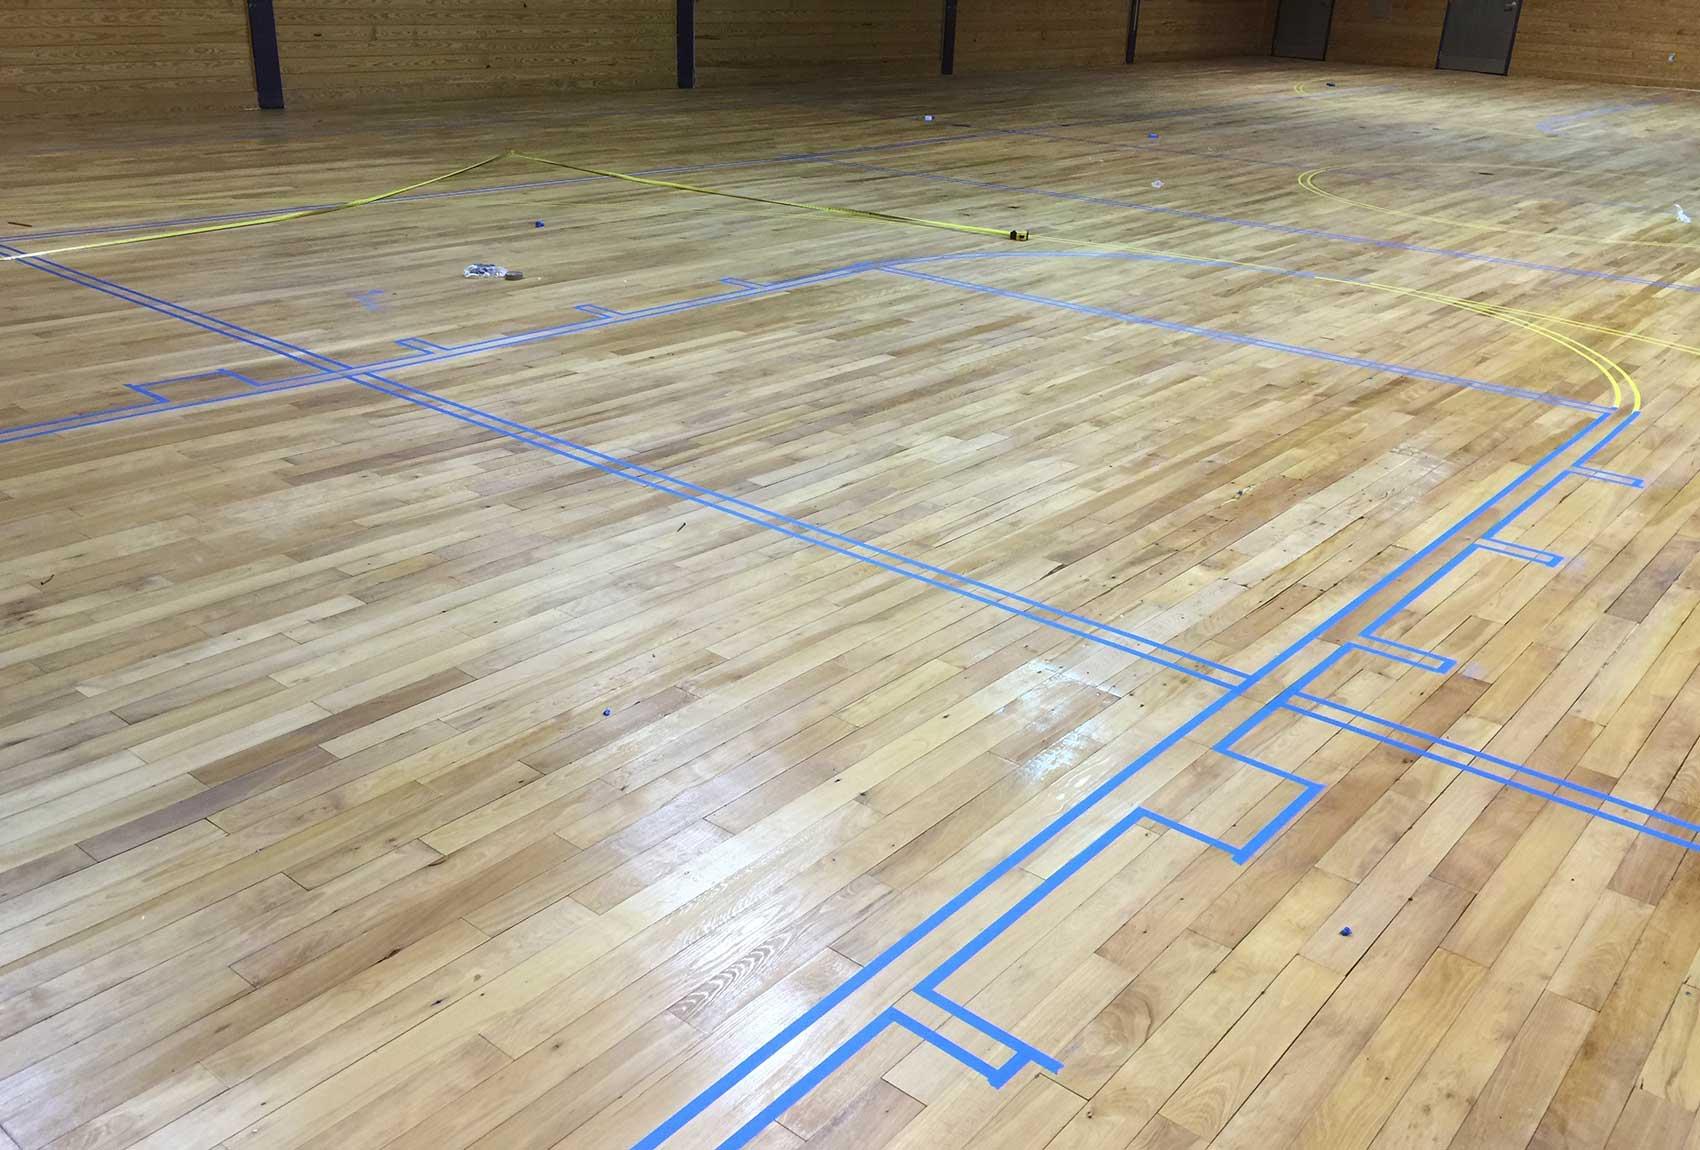 floor carson basketball floors s flooring other court utah our hardwood custom work